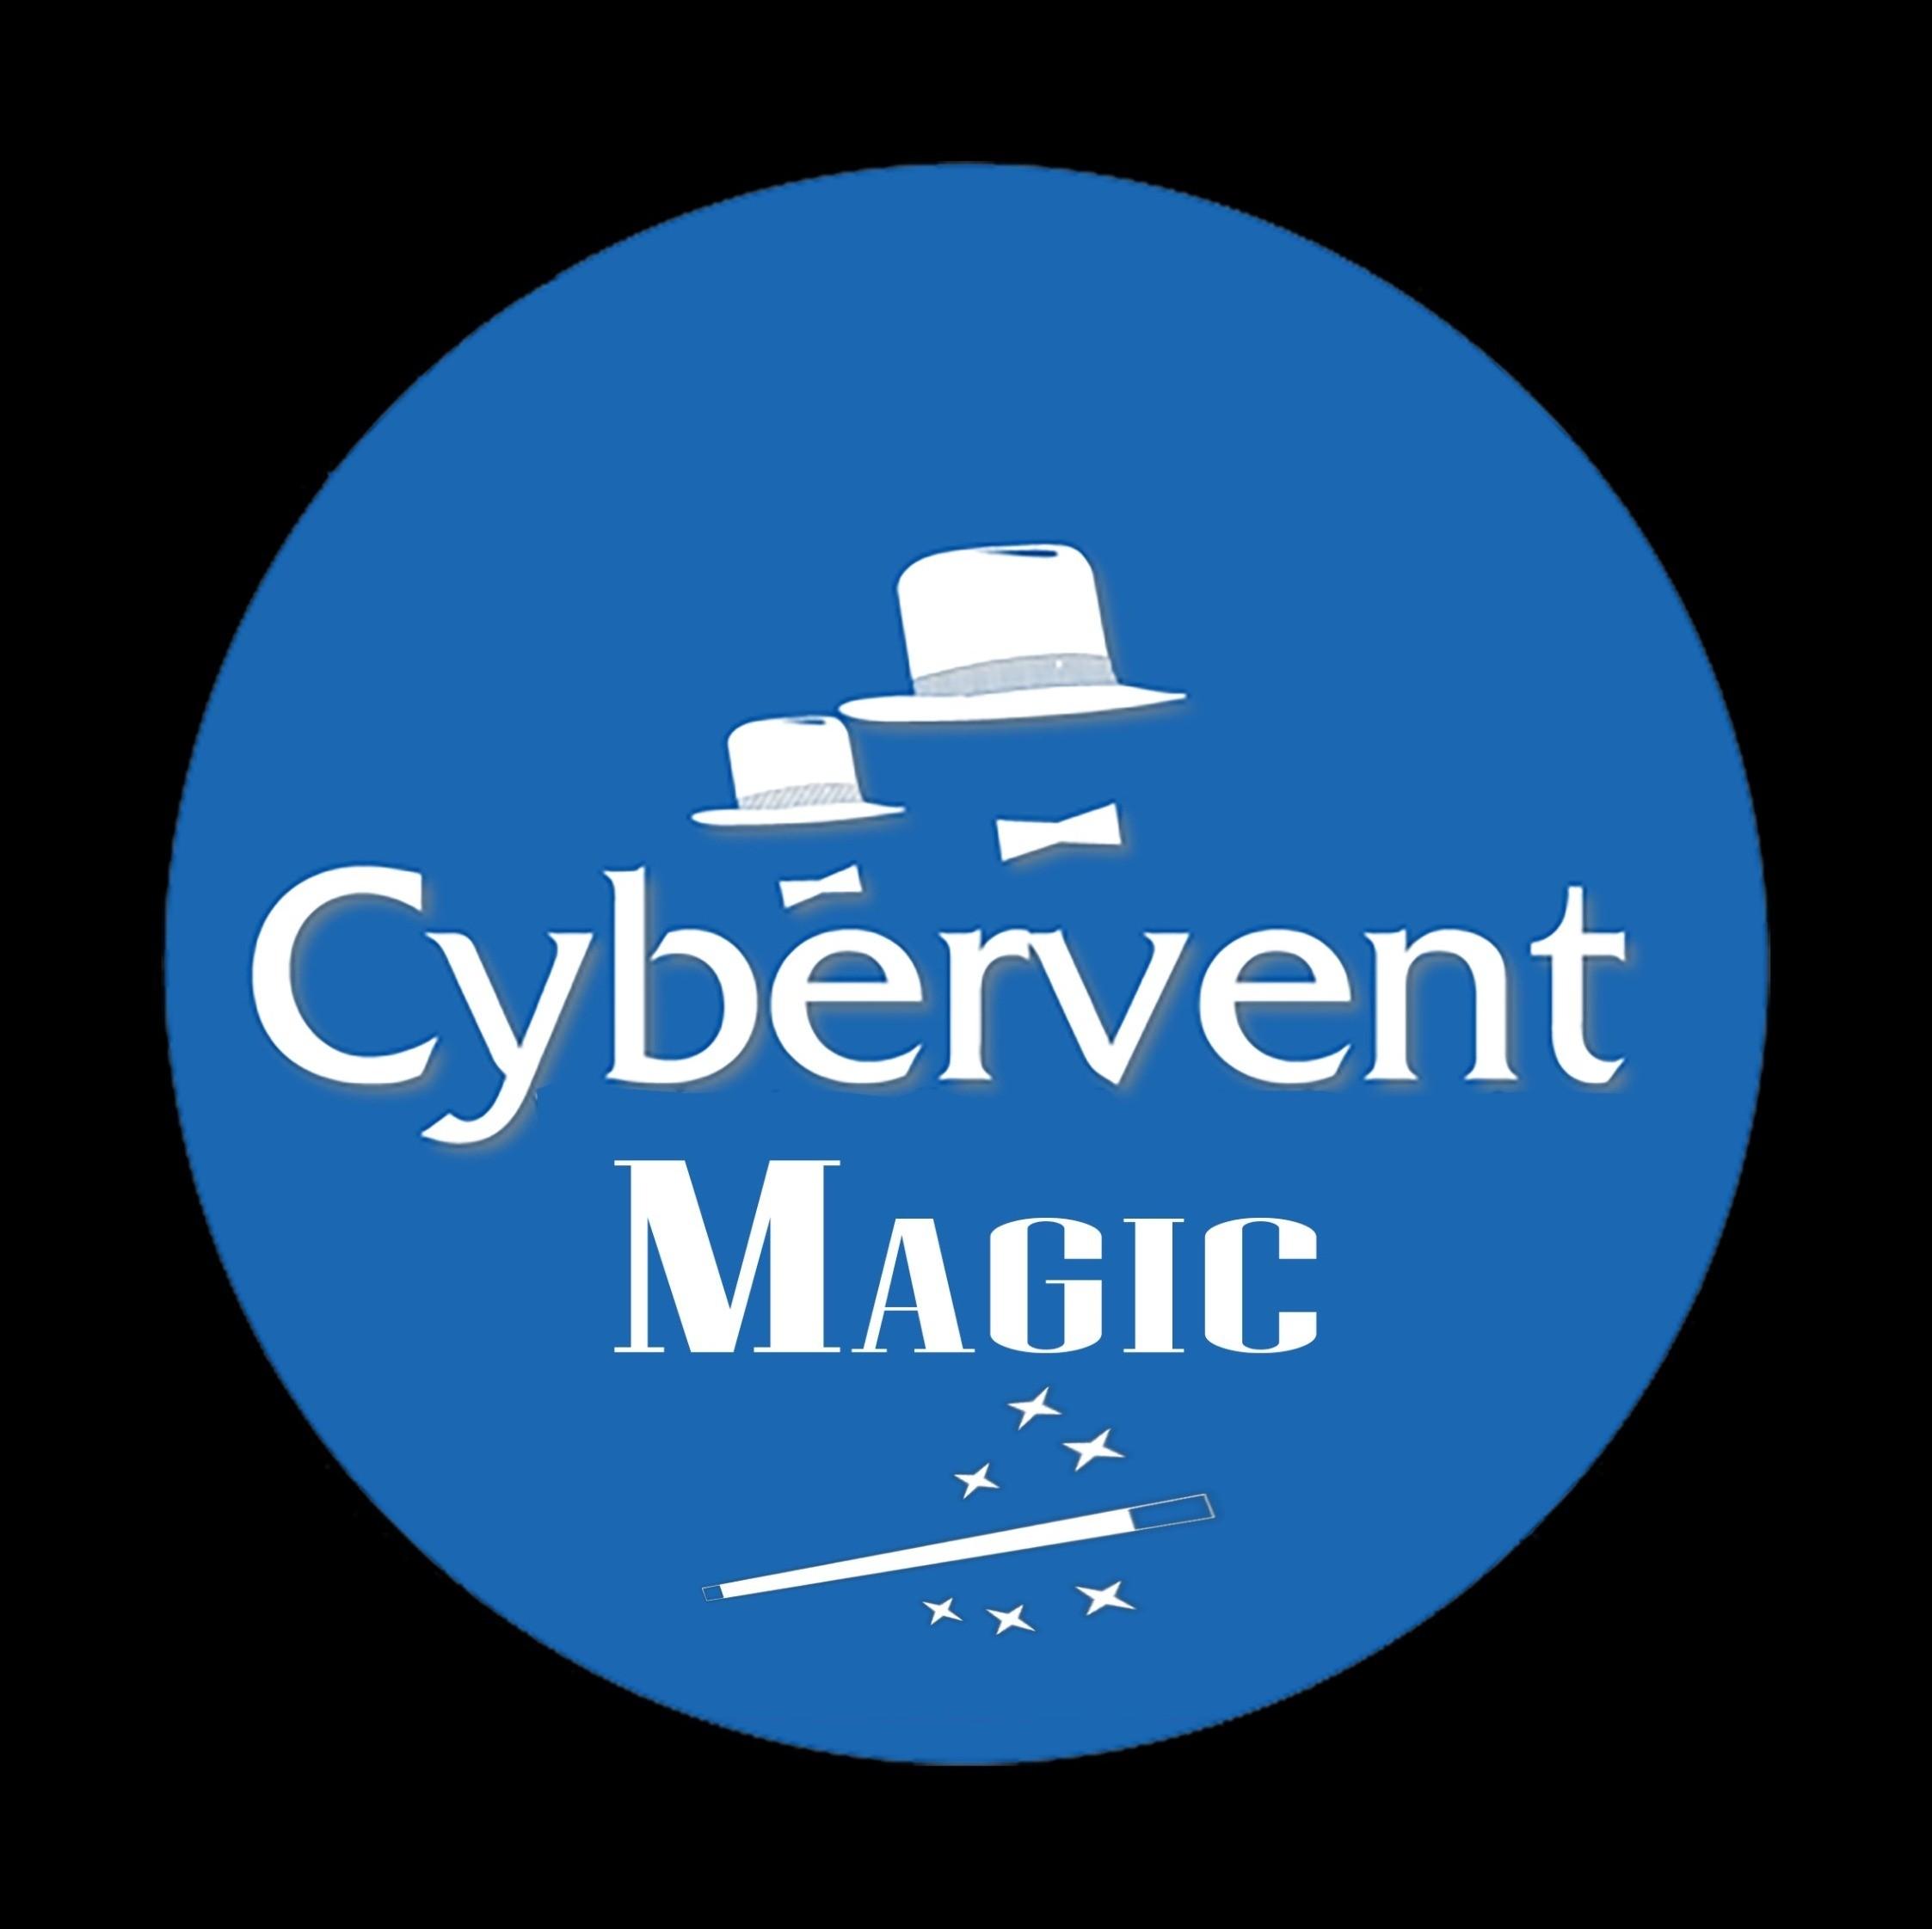 Cybervent Magic